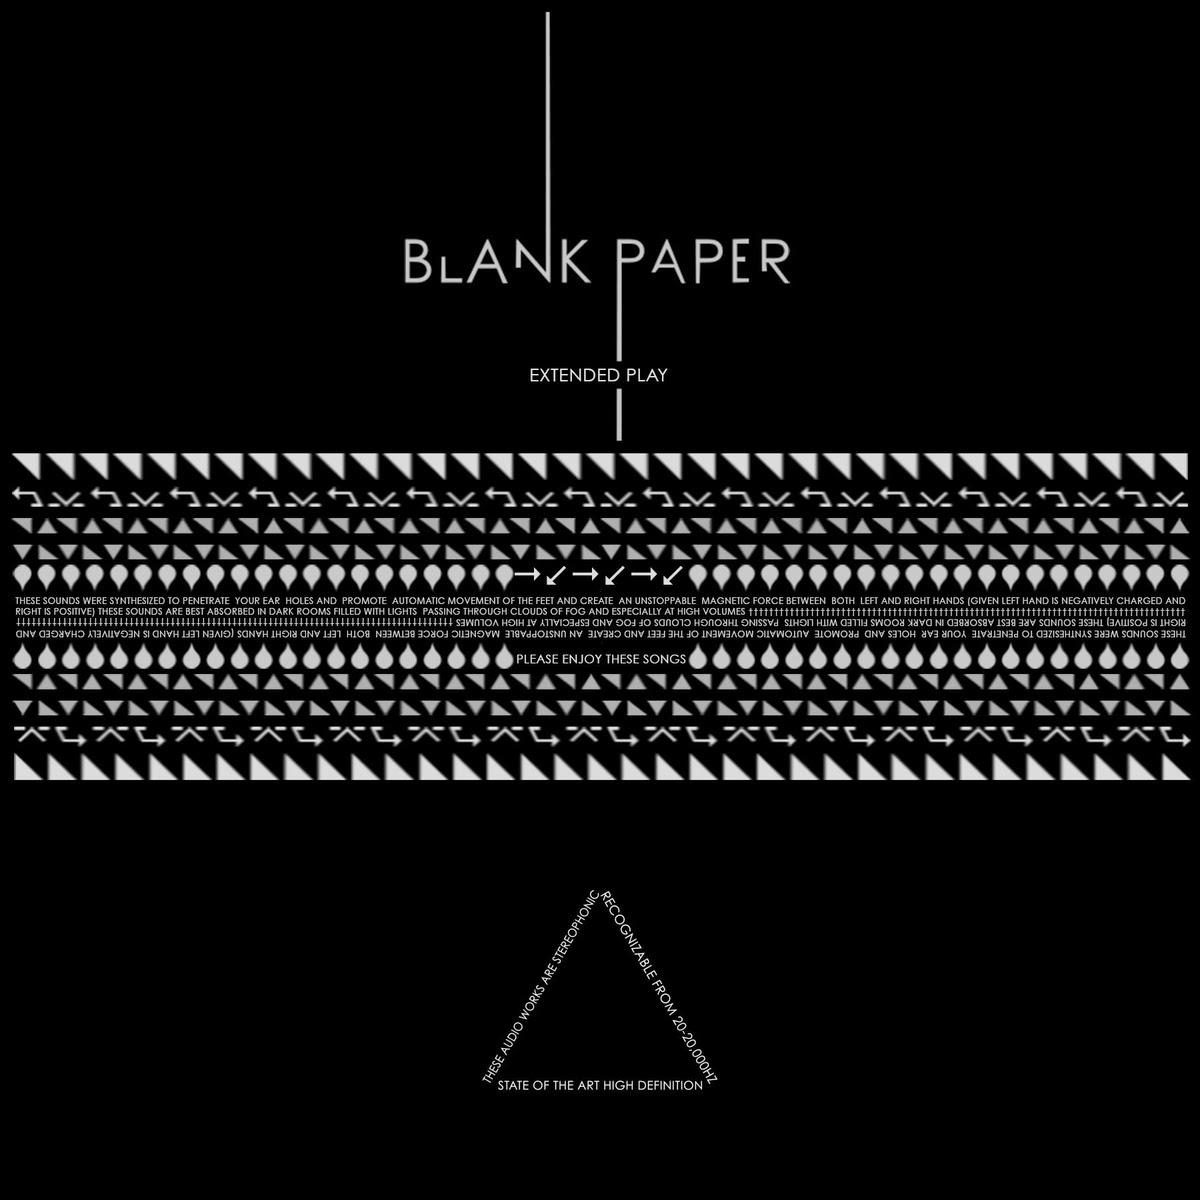 http://www.d4am.net/2014/07/blank-paper-blank-paper.html